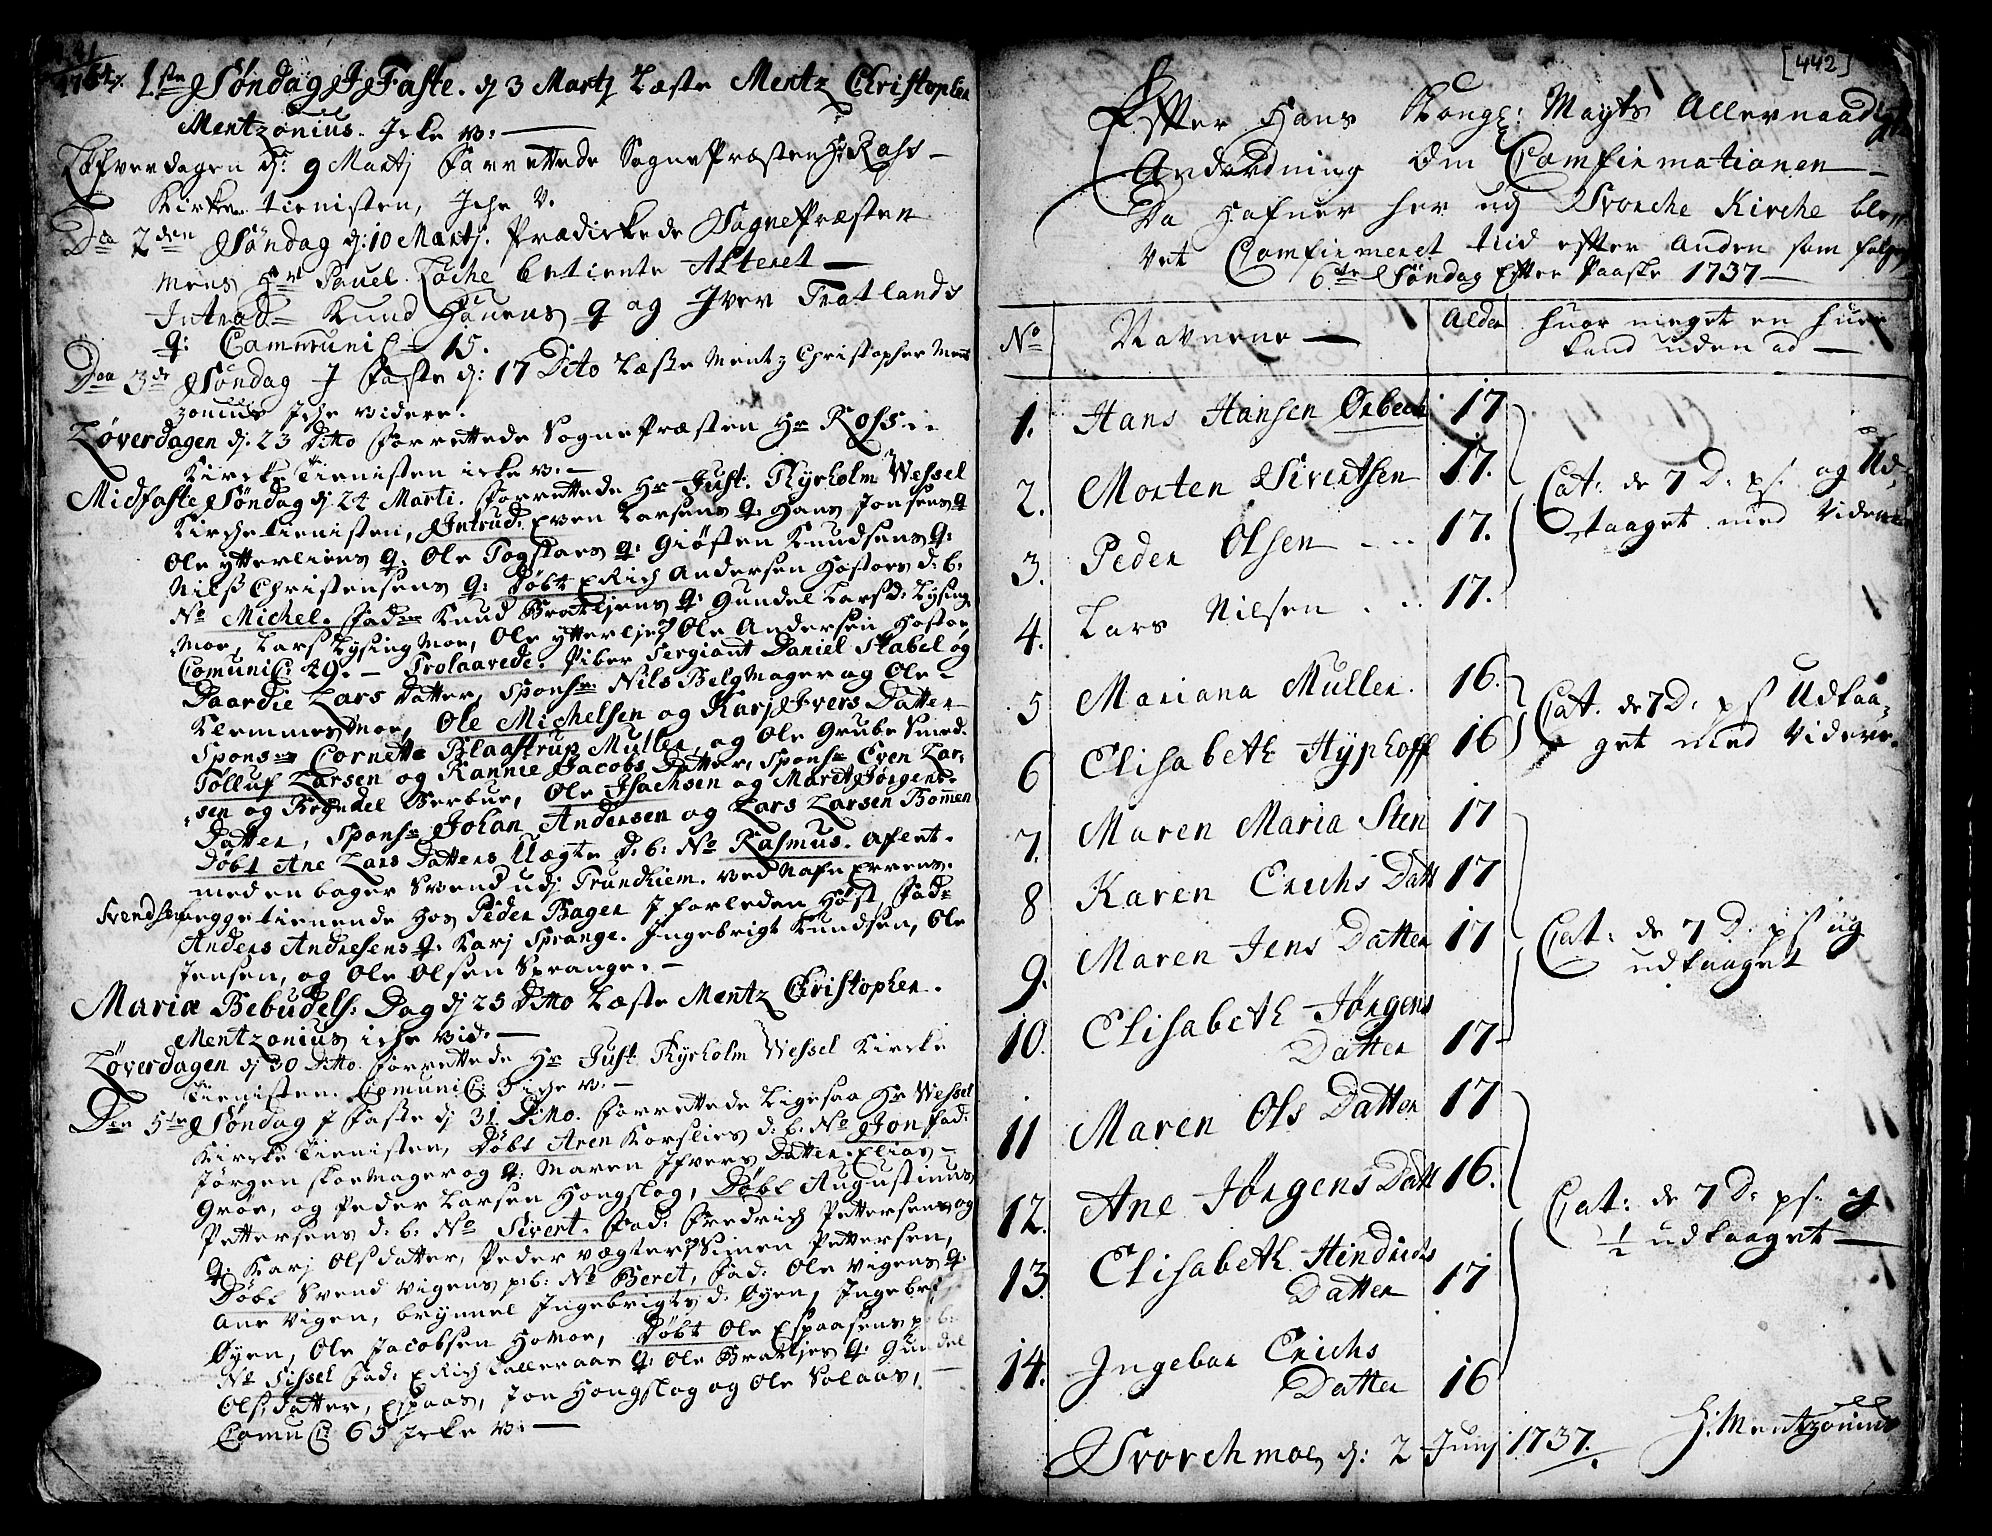 SAT, Ministerialprotokoller, klokkerbøker og fødselsregistre - Sør-Trøndelag, 671/L0839: Ministerialbok nr. 671A01, 1730-1755, s. 441-442